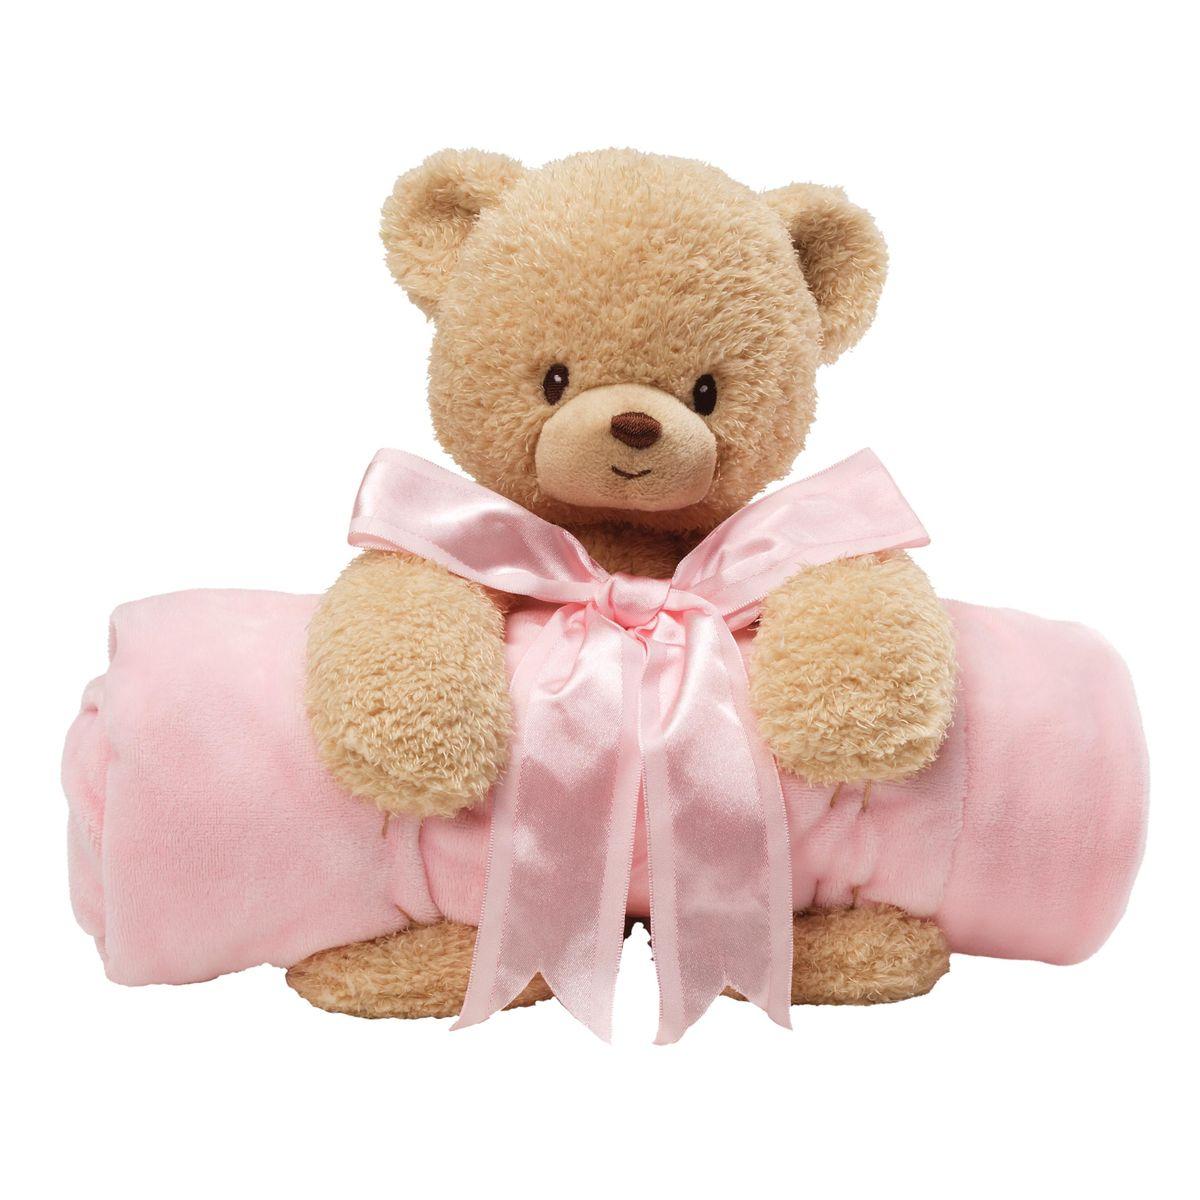 Gund Мягкая игрушка в наборе с полотенцем Мишка цвет розовый4034093Милые, мягкие и безопасные, игрушки фирмы Gund отличаются реалистичным внешним видом, напоминающим настоящего питомца. Только посмотрите на эту милую мордашку, которая так приветливо смотрит на вас. Разве можно устоять перед её обаянием? Конечно нет, да и не нужно! Такая игрушка вызывает умиление не только у детей , но и у взрослых. Поэтому она станет отличным подарком не только ребёнку, но и друзьям!